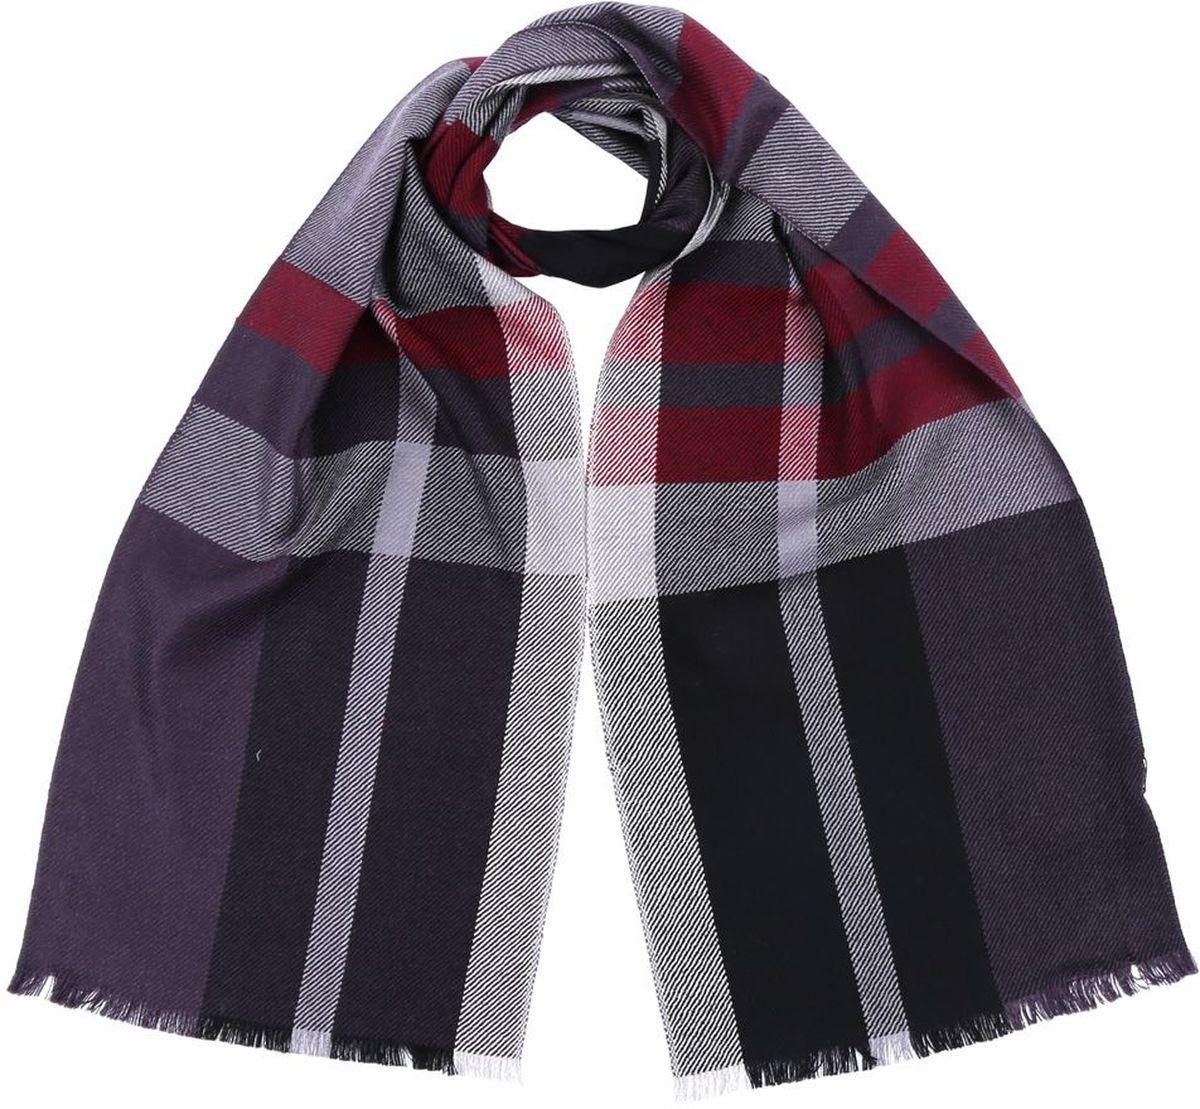 Шарф мужской Fabretti, цвет: черный, сиреневый, красный. 2874-11. Размер 30 см х 180 см2874-11Мужской шарф от итальянского бренда Fabretti выполнен из натуральной шерсти с мерсеризованной нитью, которая придает изделию неповторимую мягкость и шелковистость фактуры. Дизайнерское соединение цветов превратит ваш образ в самый стильный и элегантный в любой компании. Модная клетка и стильные реснички, которыми обработаны края изделия, подчеркнут ваш индивидуальный стиль.